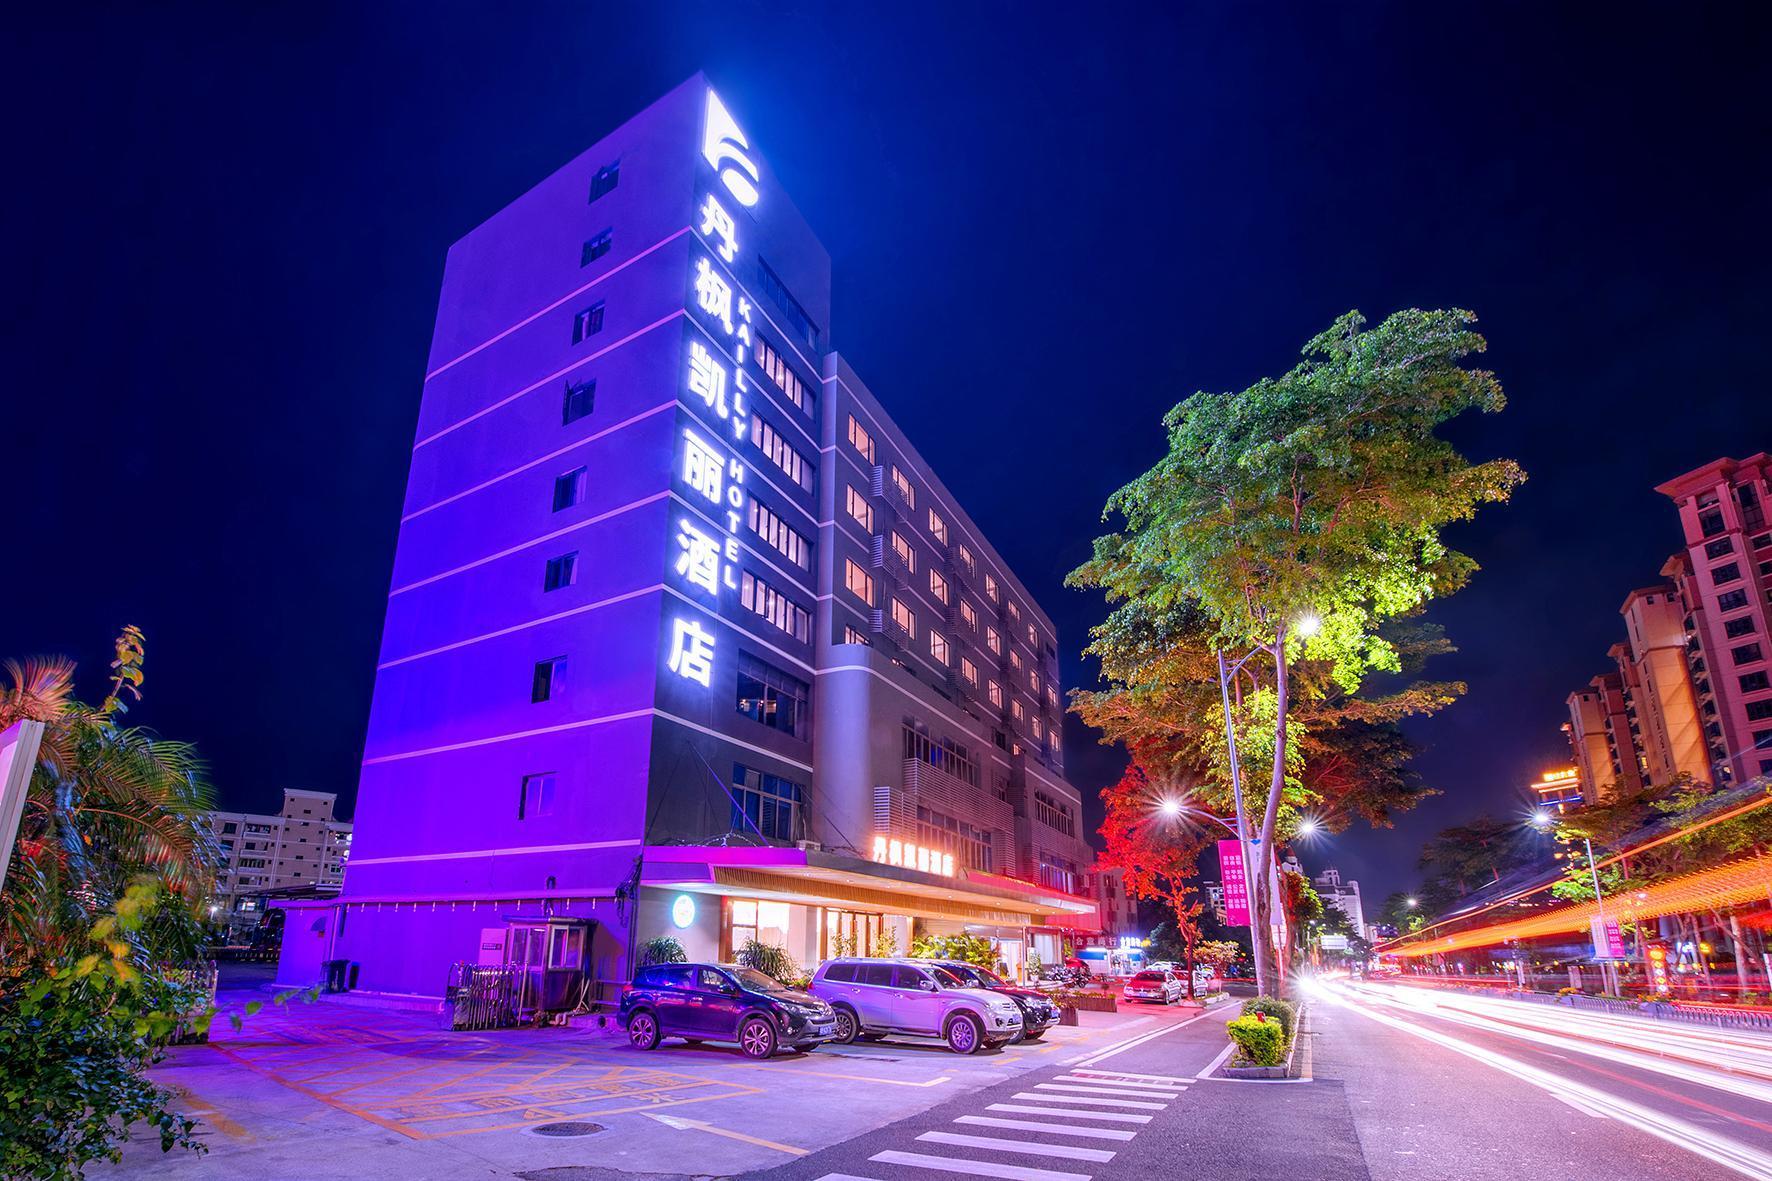 Danfeng Kelly Hotel